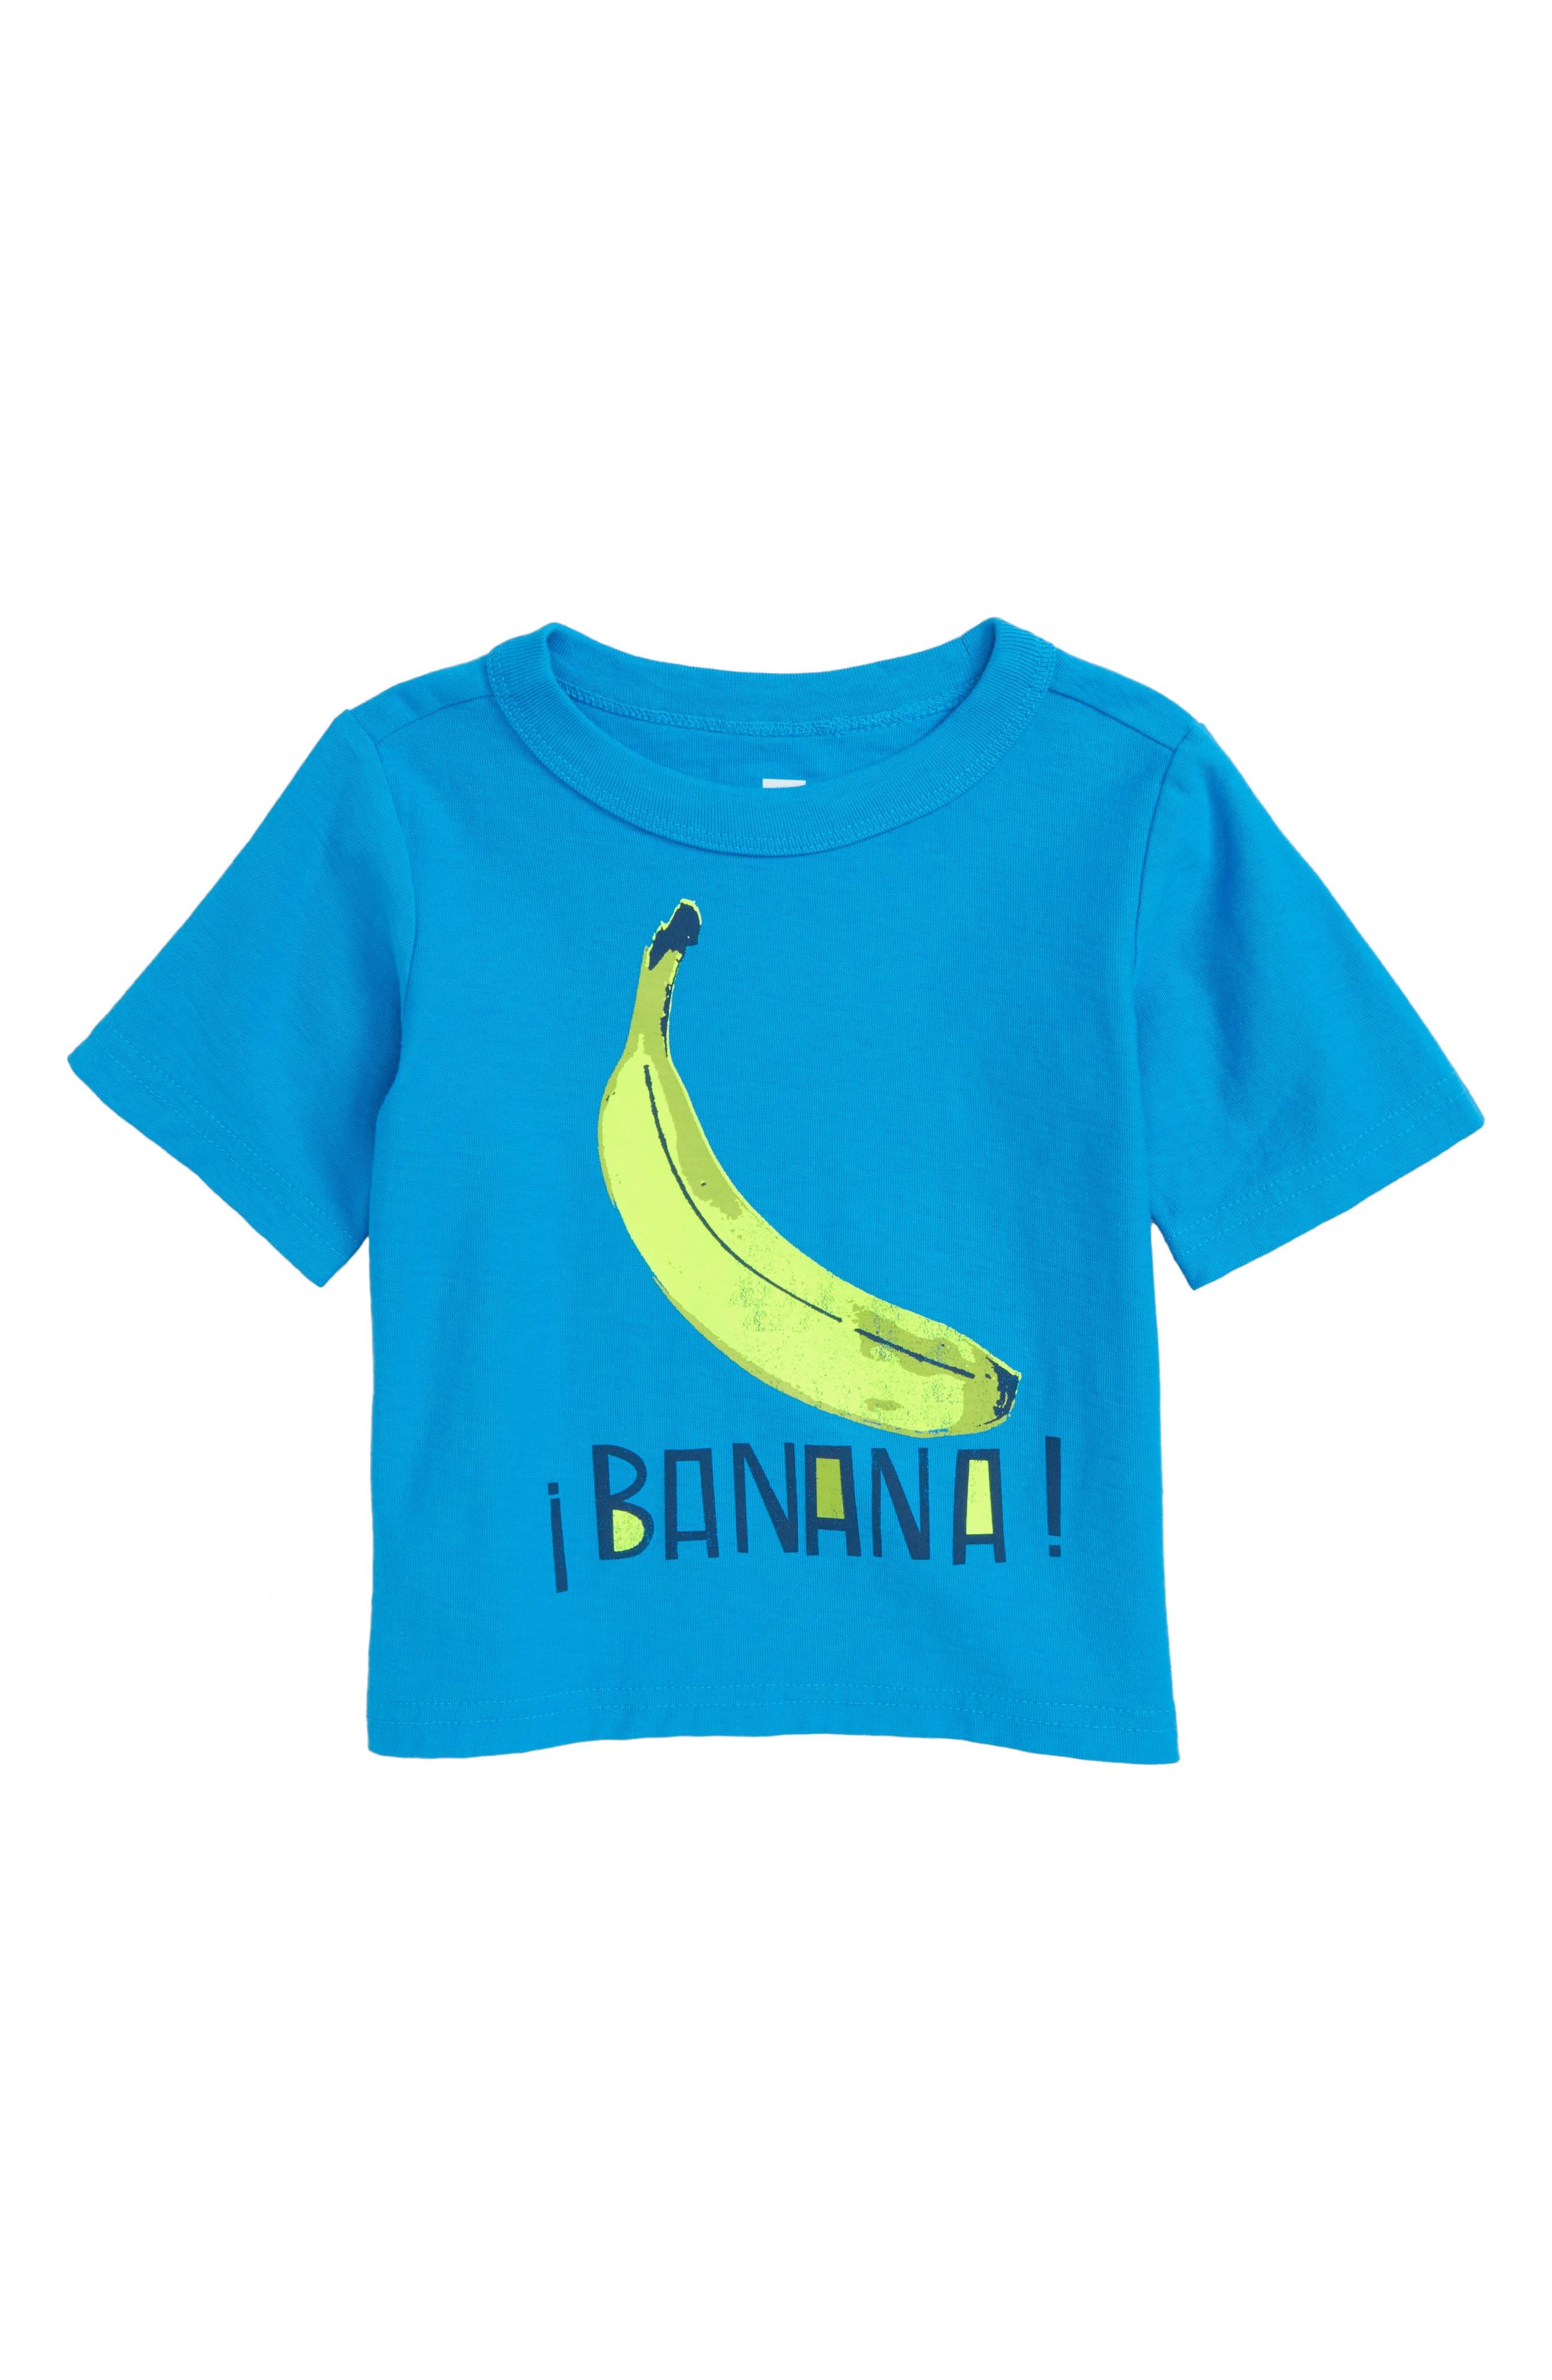 Banana Graphic T-Shirt,                         Main,                         color, Tropic